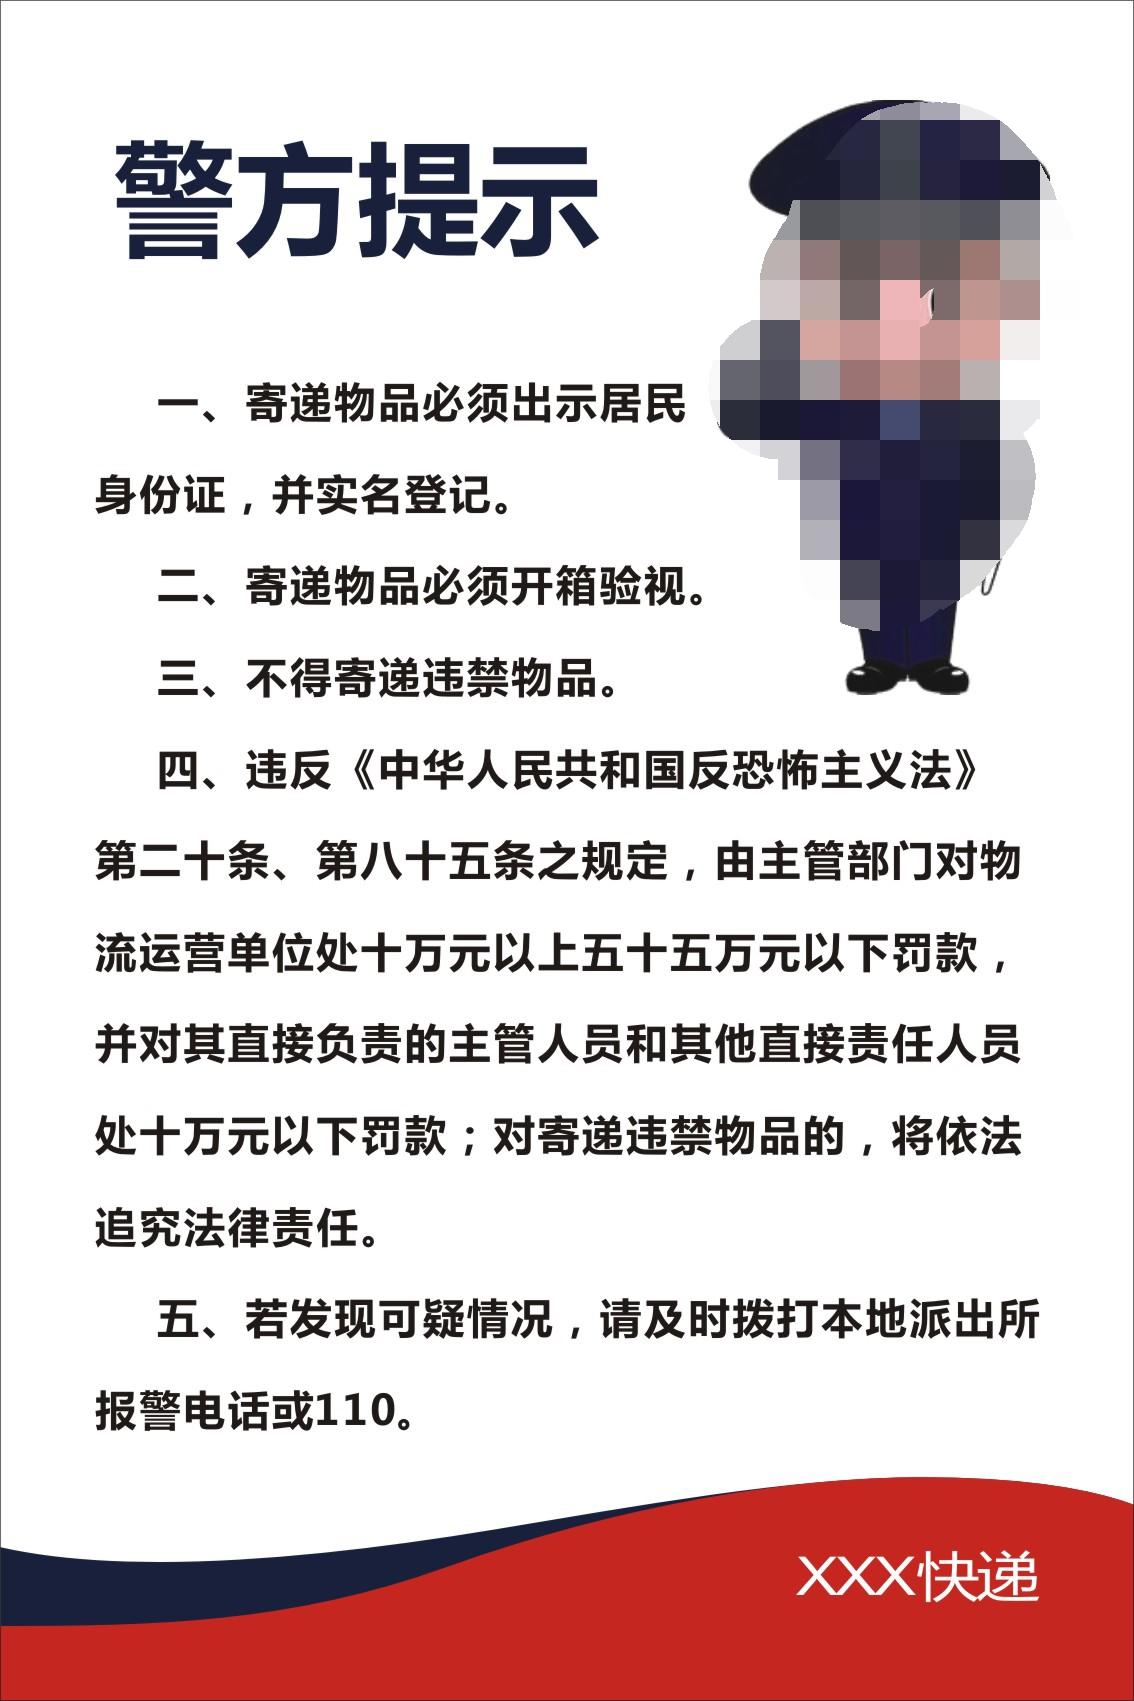 765海报印制展板写真宣传栏777快递行业实名制规定温馨警方提示